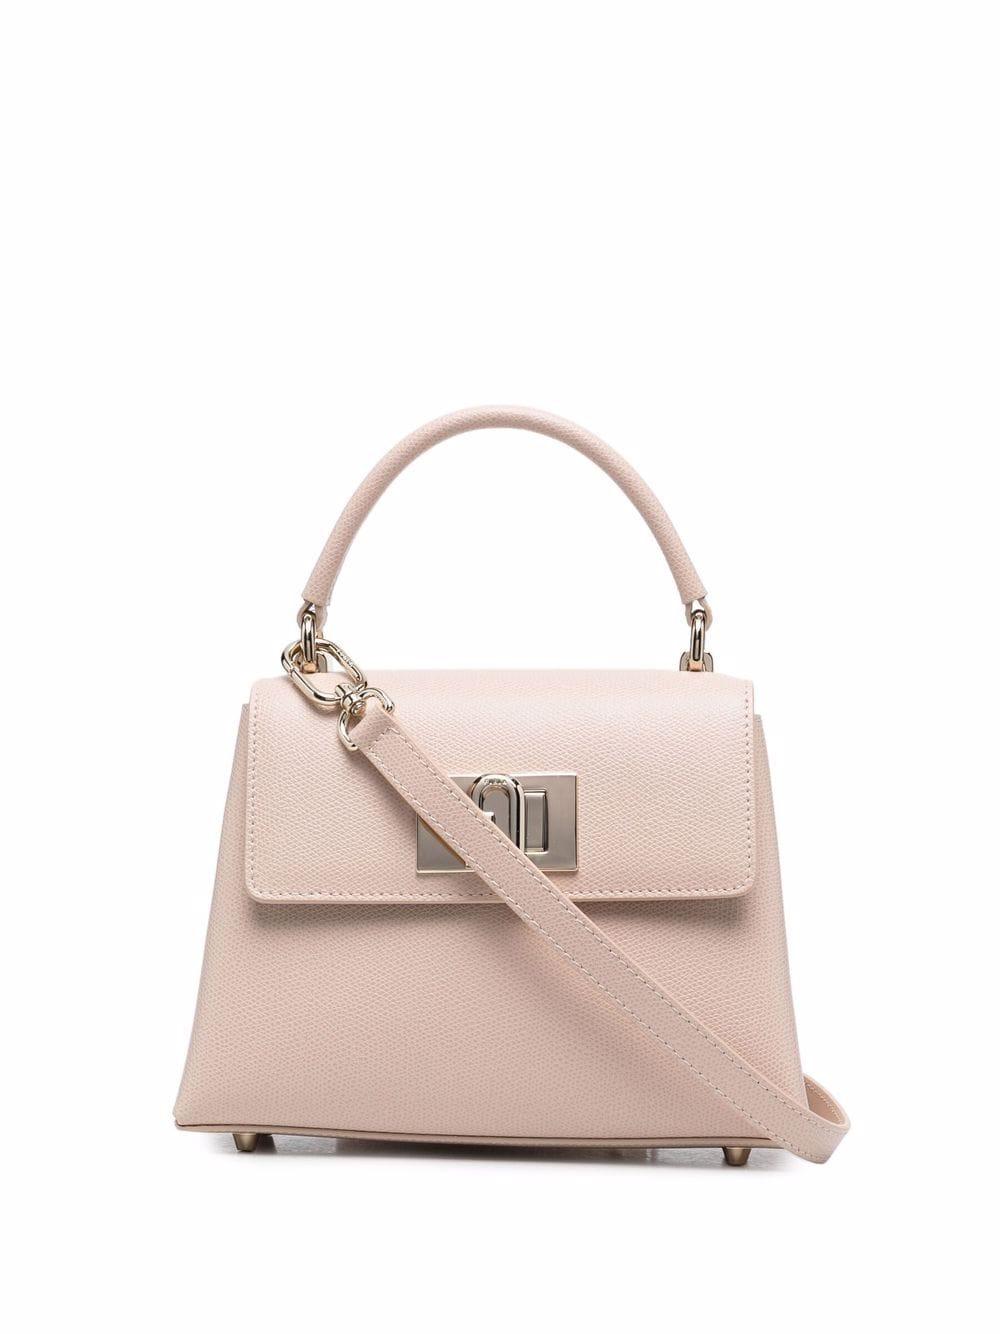 Furla Mini Handtasche - Nude